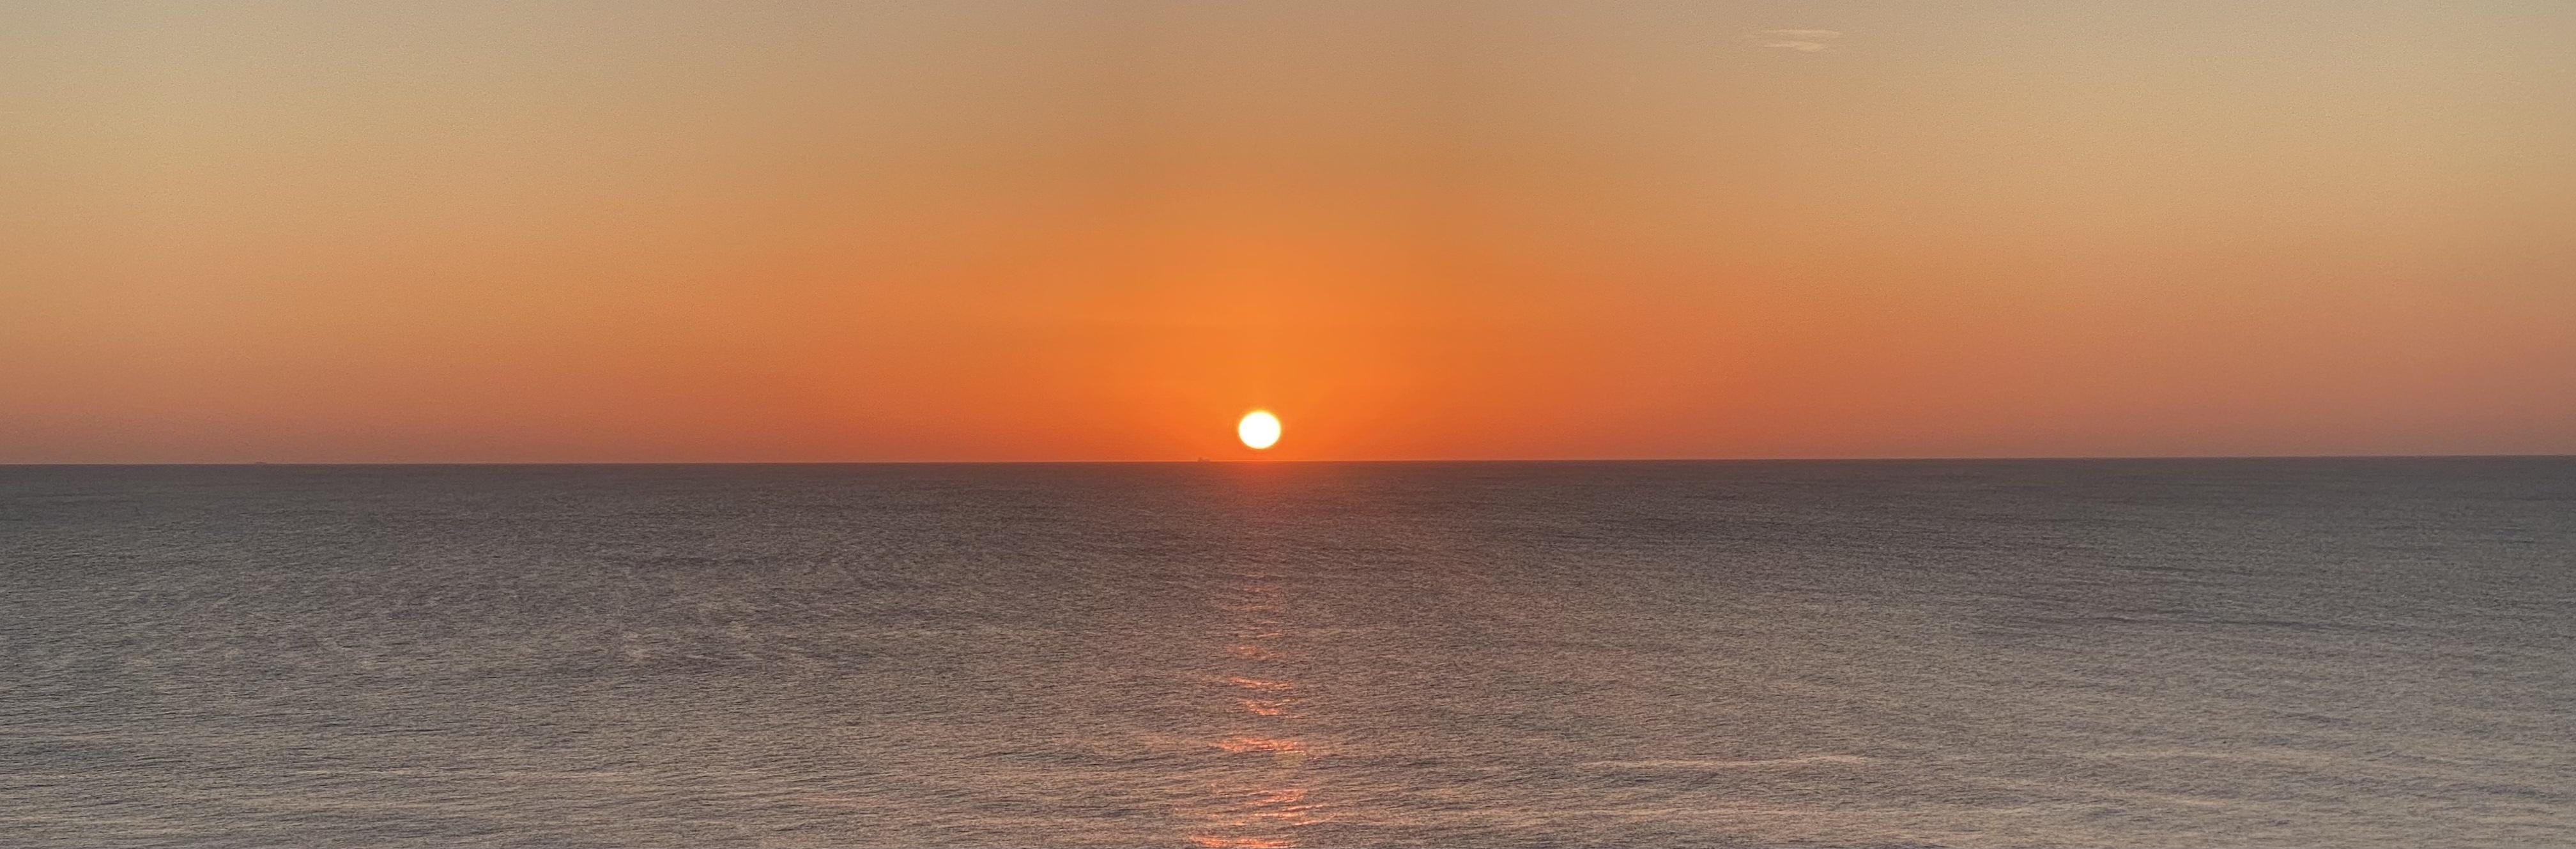 sunset banner